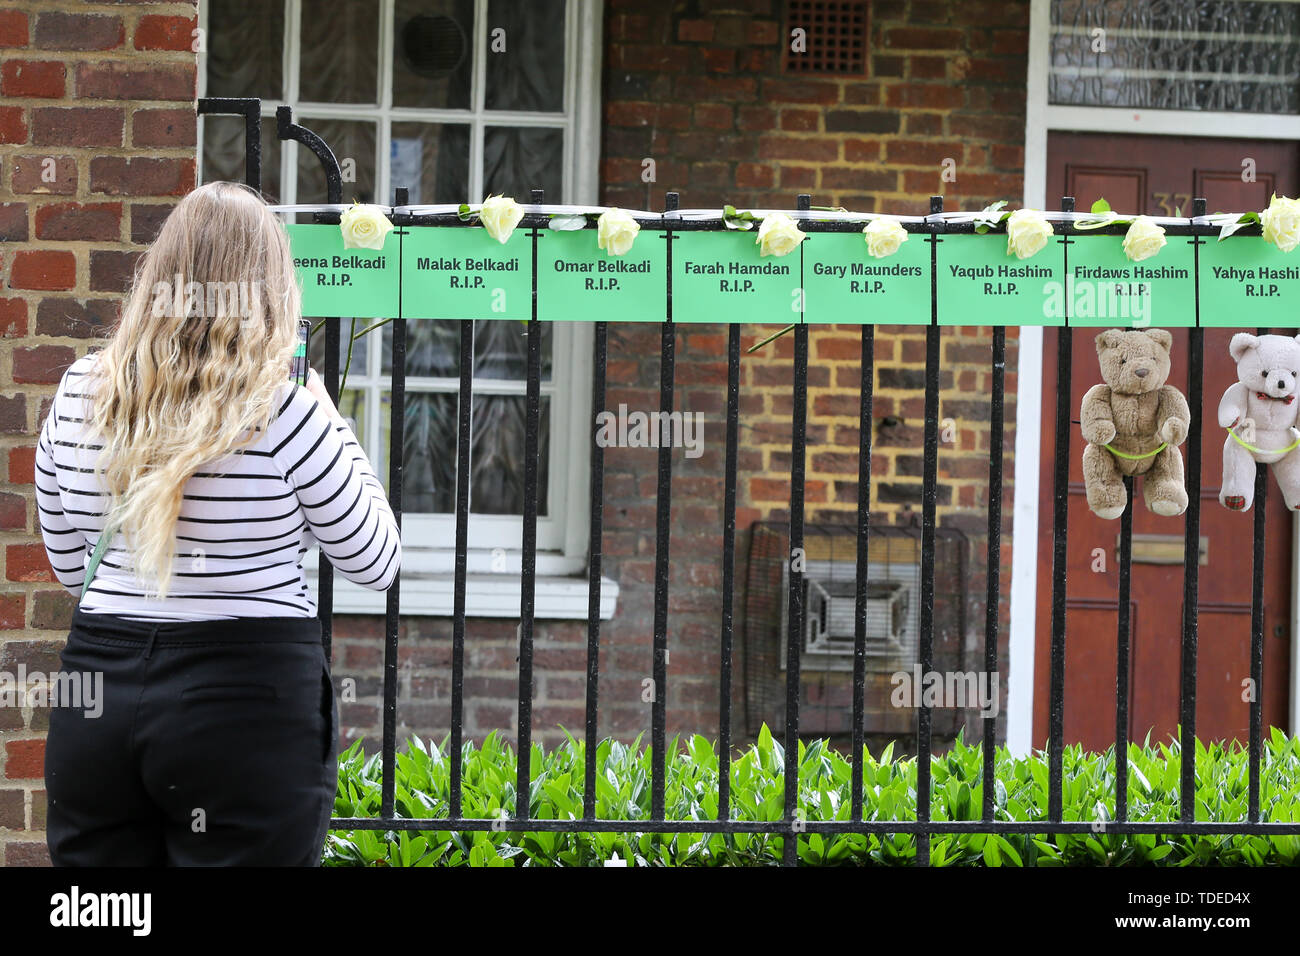 London, Großbritannien. 14 Juni, 2019. Eine Frau liest die Namen der Leute, die ihr Leben verloren, hing von einem Geländer auf einen Block von flachen während des Gedenkens. Die Grenfell Turm zweiten Jahrestag Gedenkfeier des Hochhauses Feuer. Am 14. Juni 2017, kurz vor 1:00 Uhr brach ein Feuer in der Küche des vierten Stock an der 24-stöckige Residential Tower Block in Kensington, West London, die das Leben von 72 Menschen. Mehr als 70 weitere wurden verletzt und 223 Menschen geflohen. Credit: SOPA Images Limited/Alamy leben Nachrichten Stockbild